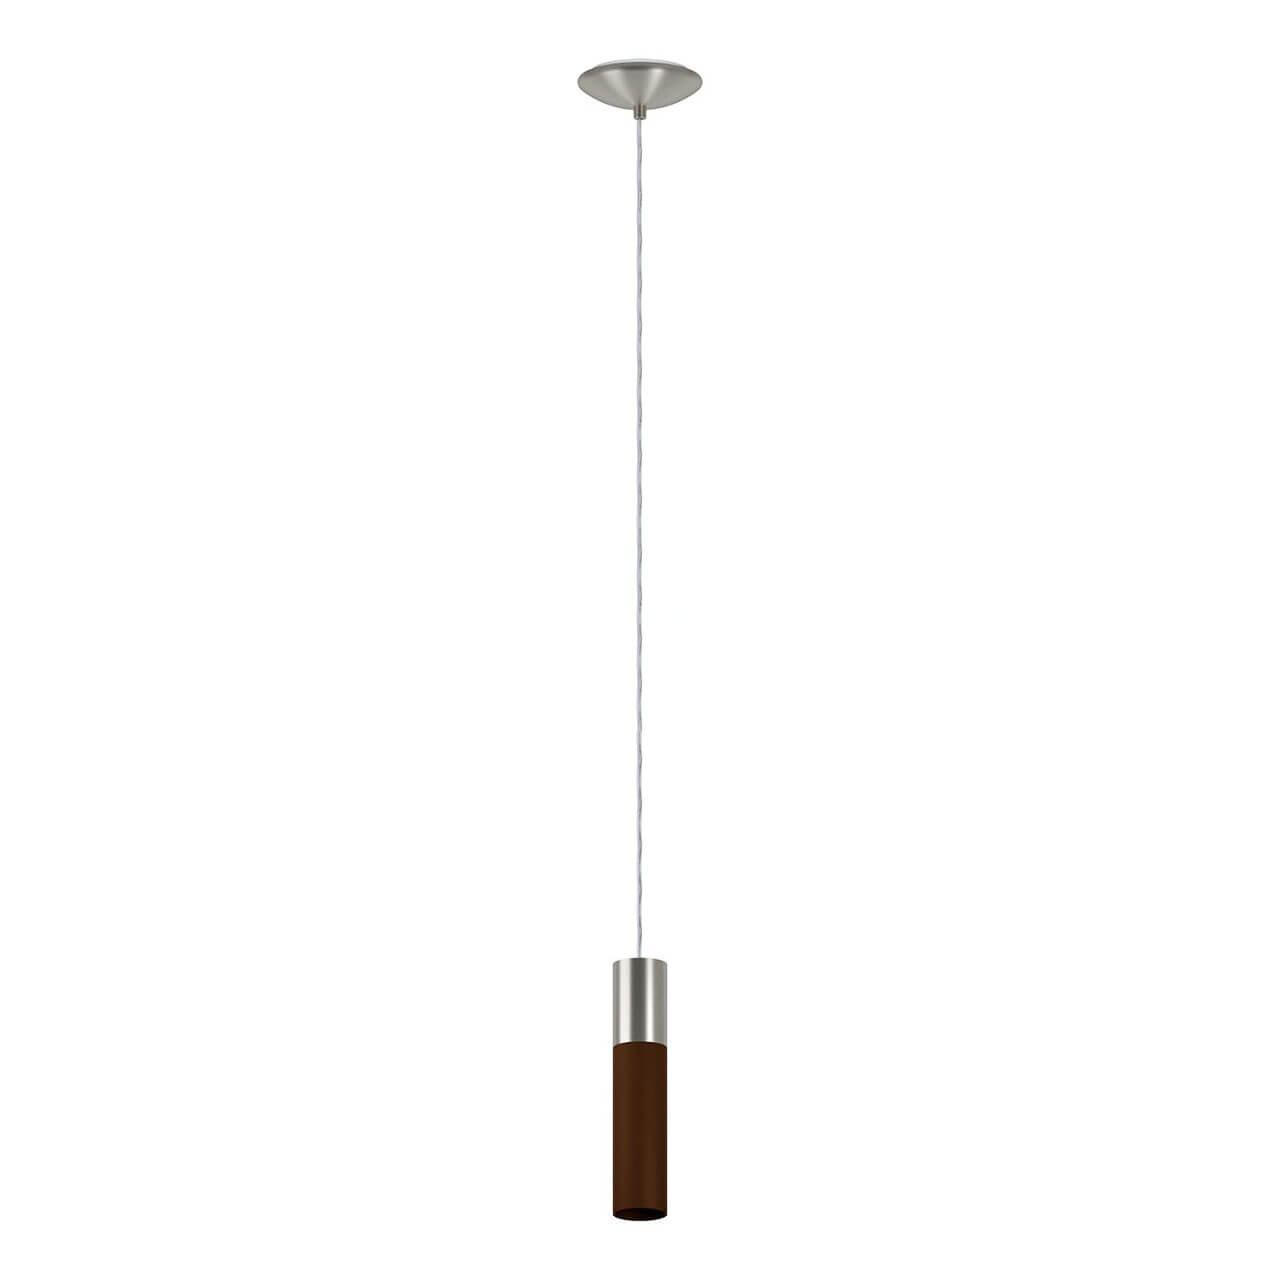 Подвесной светильник Eglo 96881, GU10, 5 Вт